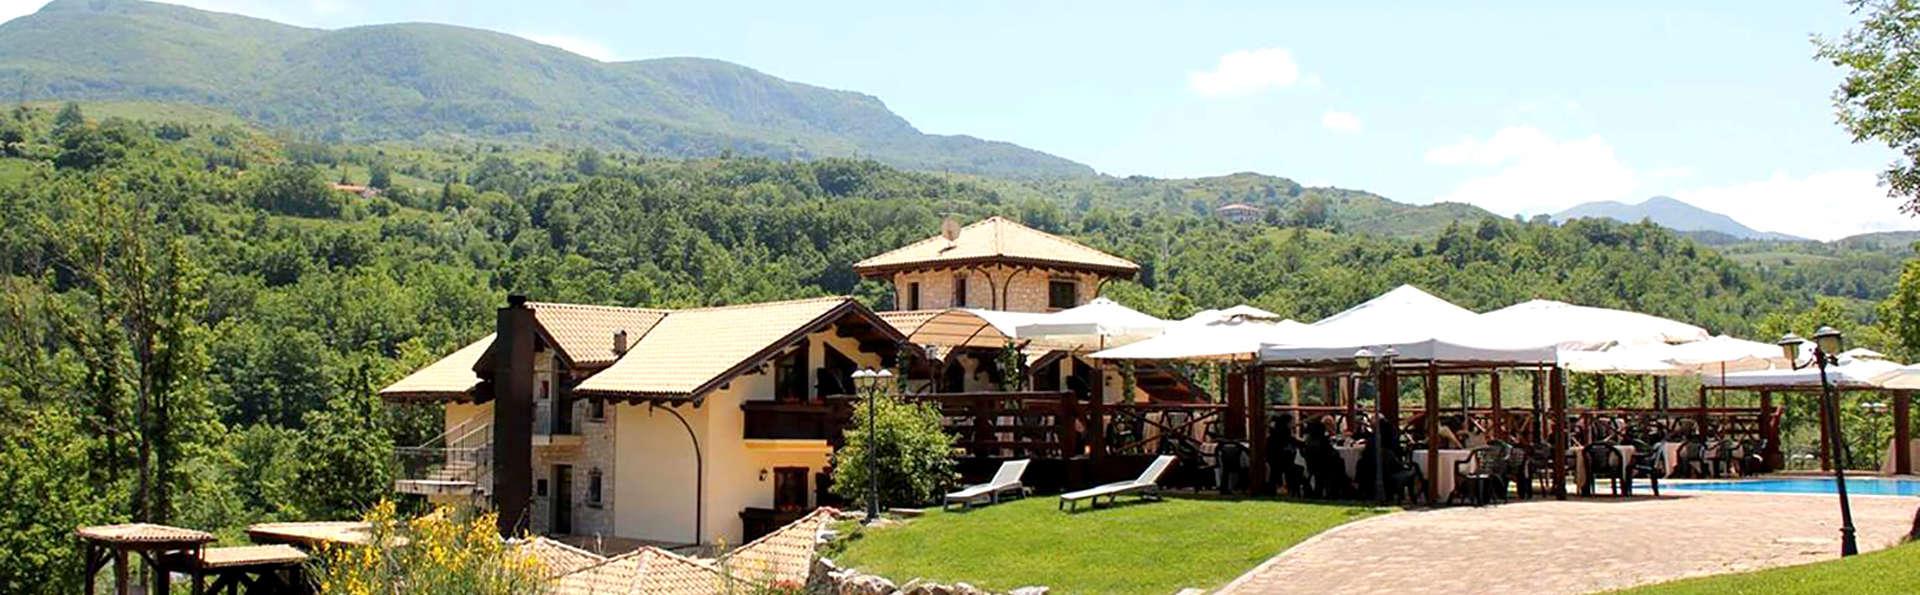 Hotel Villa Danilo - Edit_View.jpg